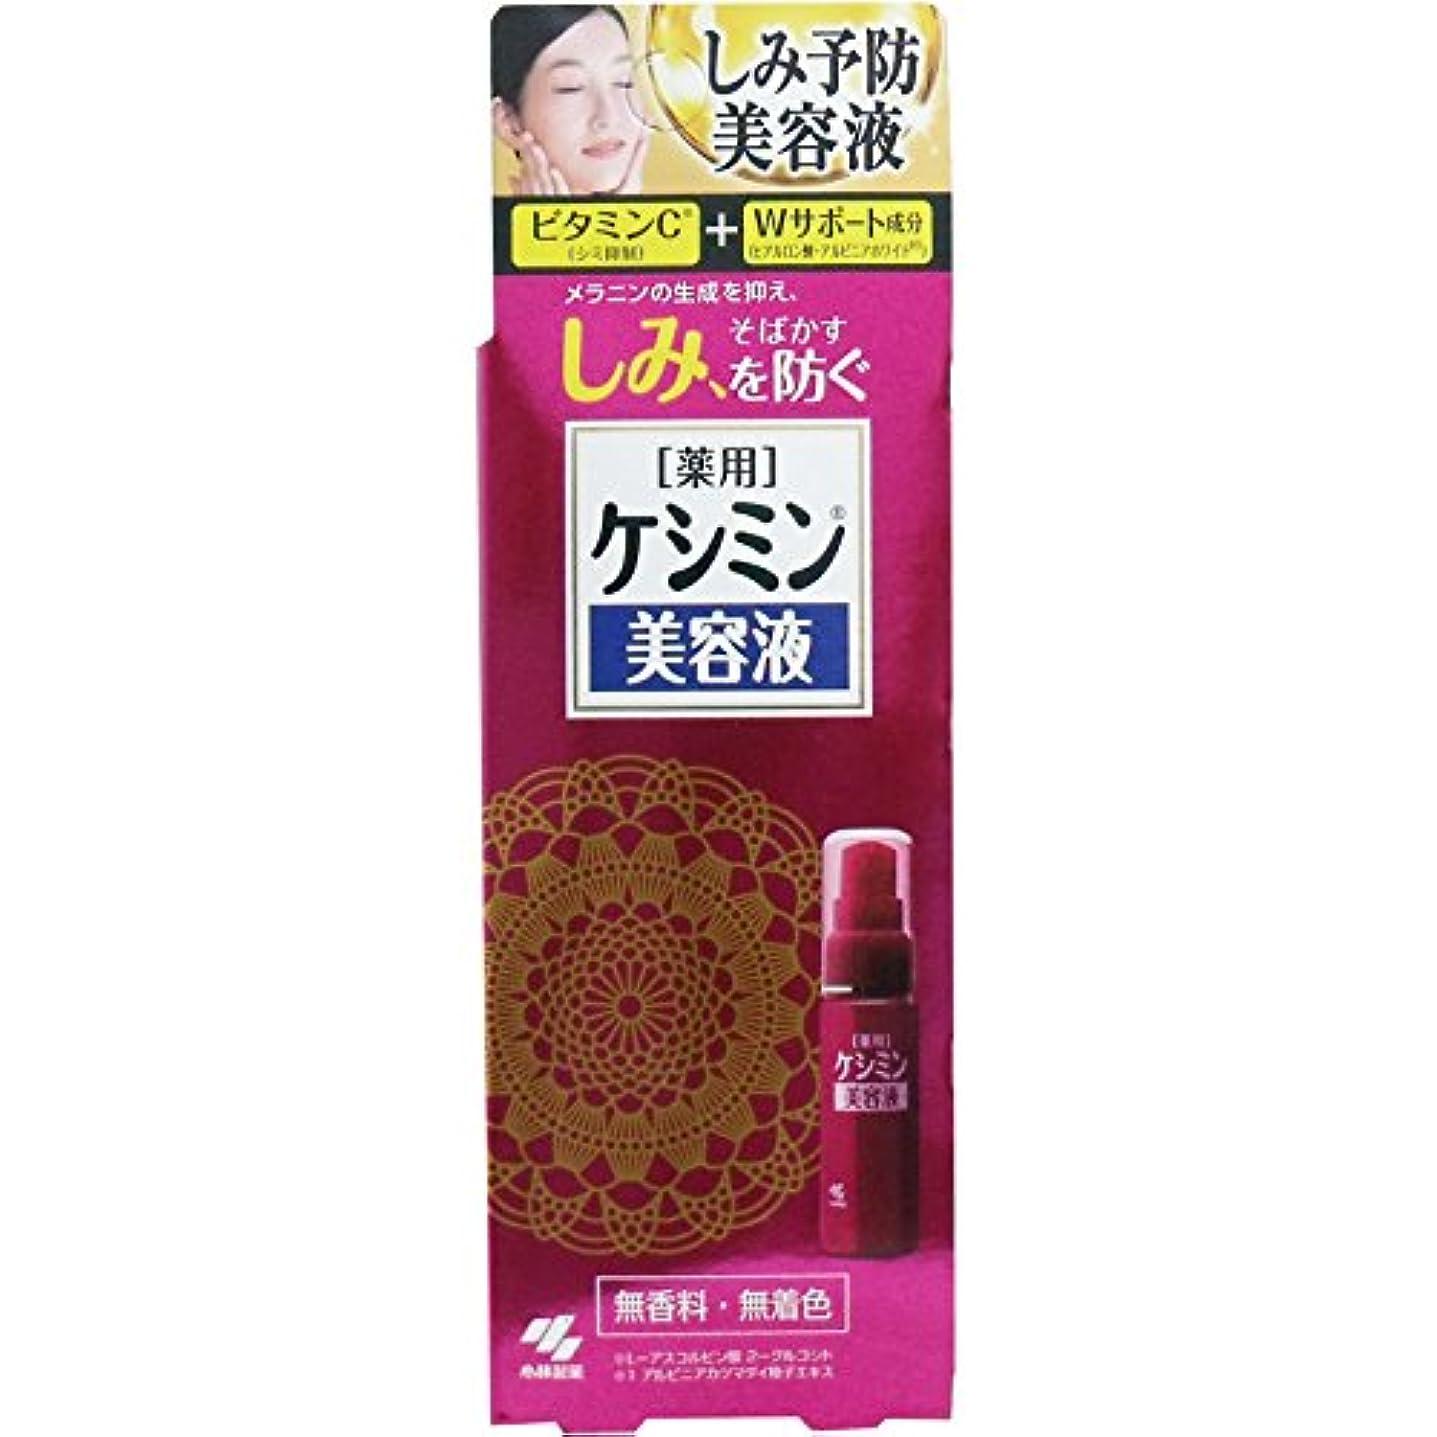 出身地郵便シネウィケシミン美容液 シミを防ぐ 30ml×6個